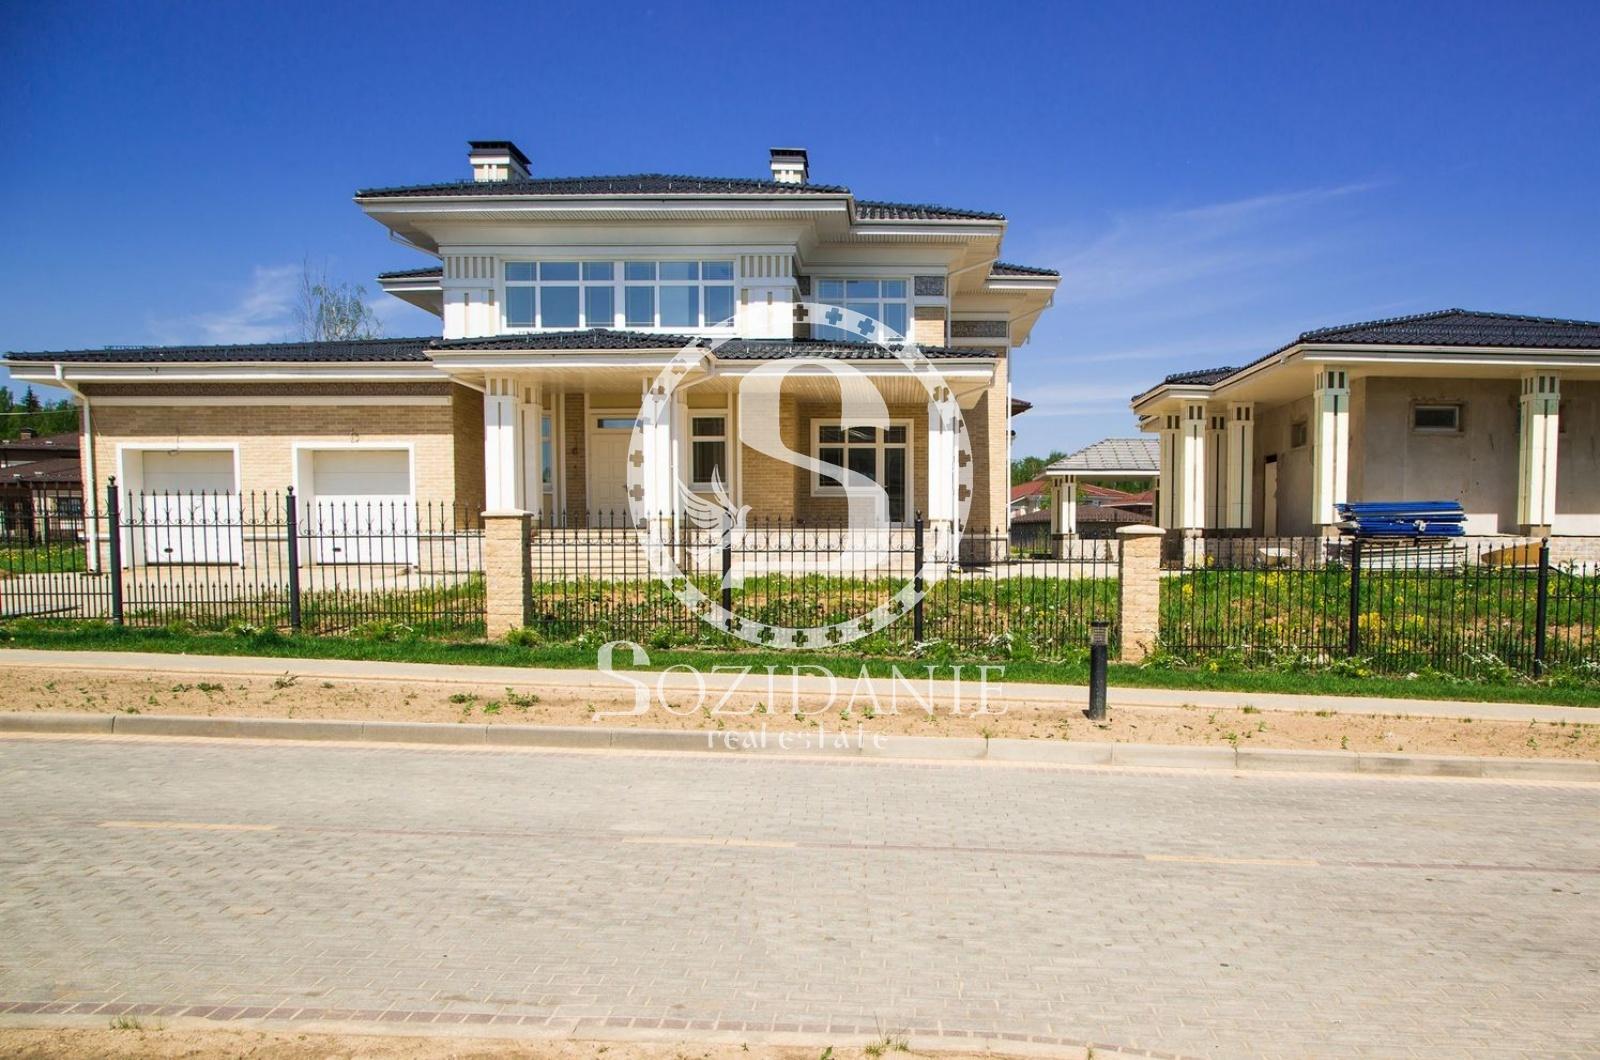 3 Bedrooms, Загородная, Продажа, Listing ID 1479, Московская область, Россия,